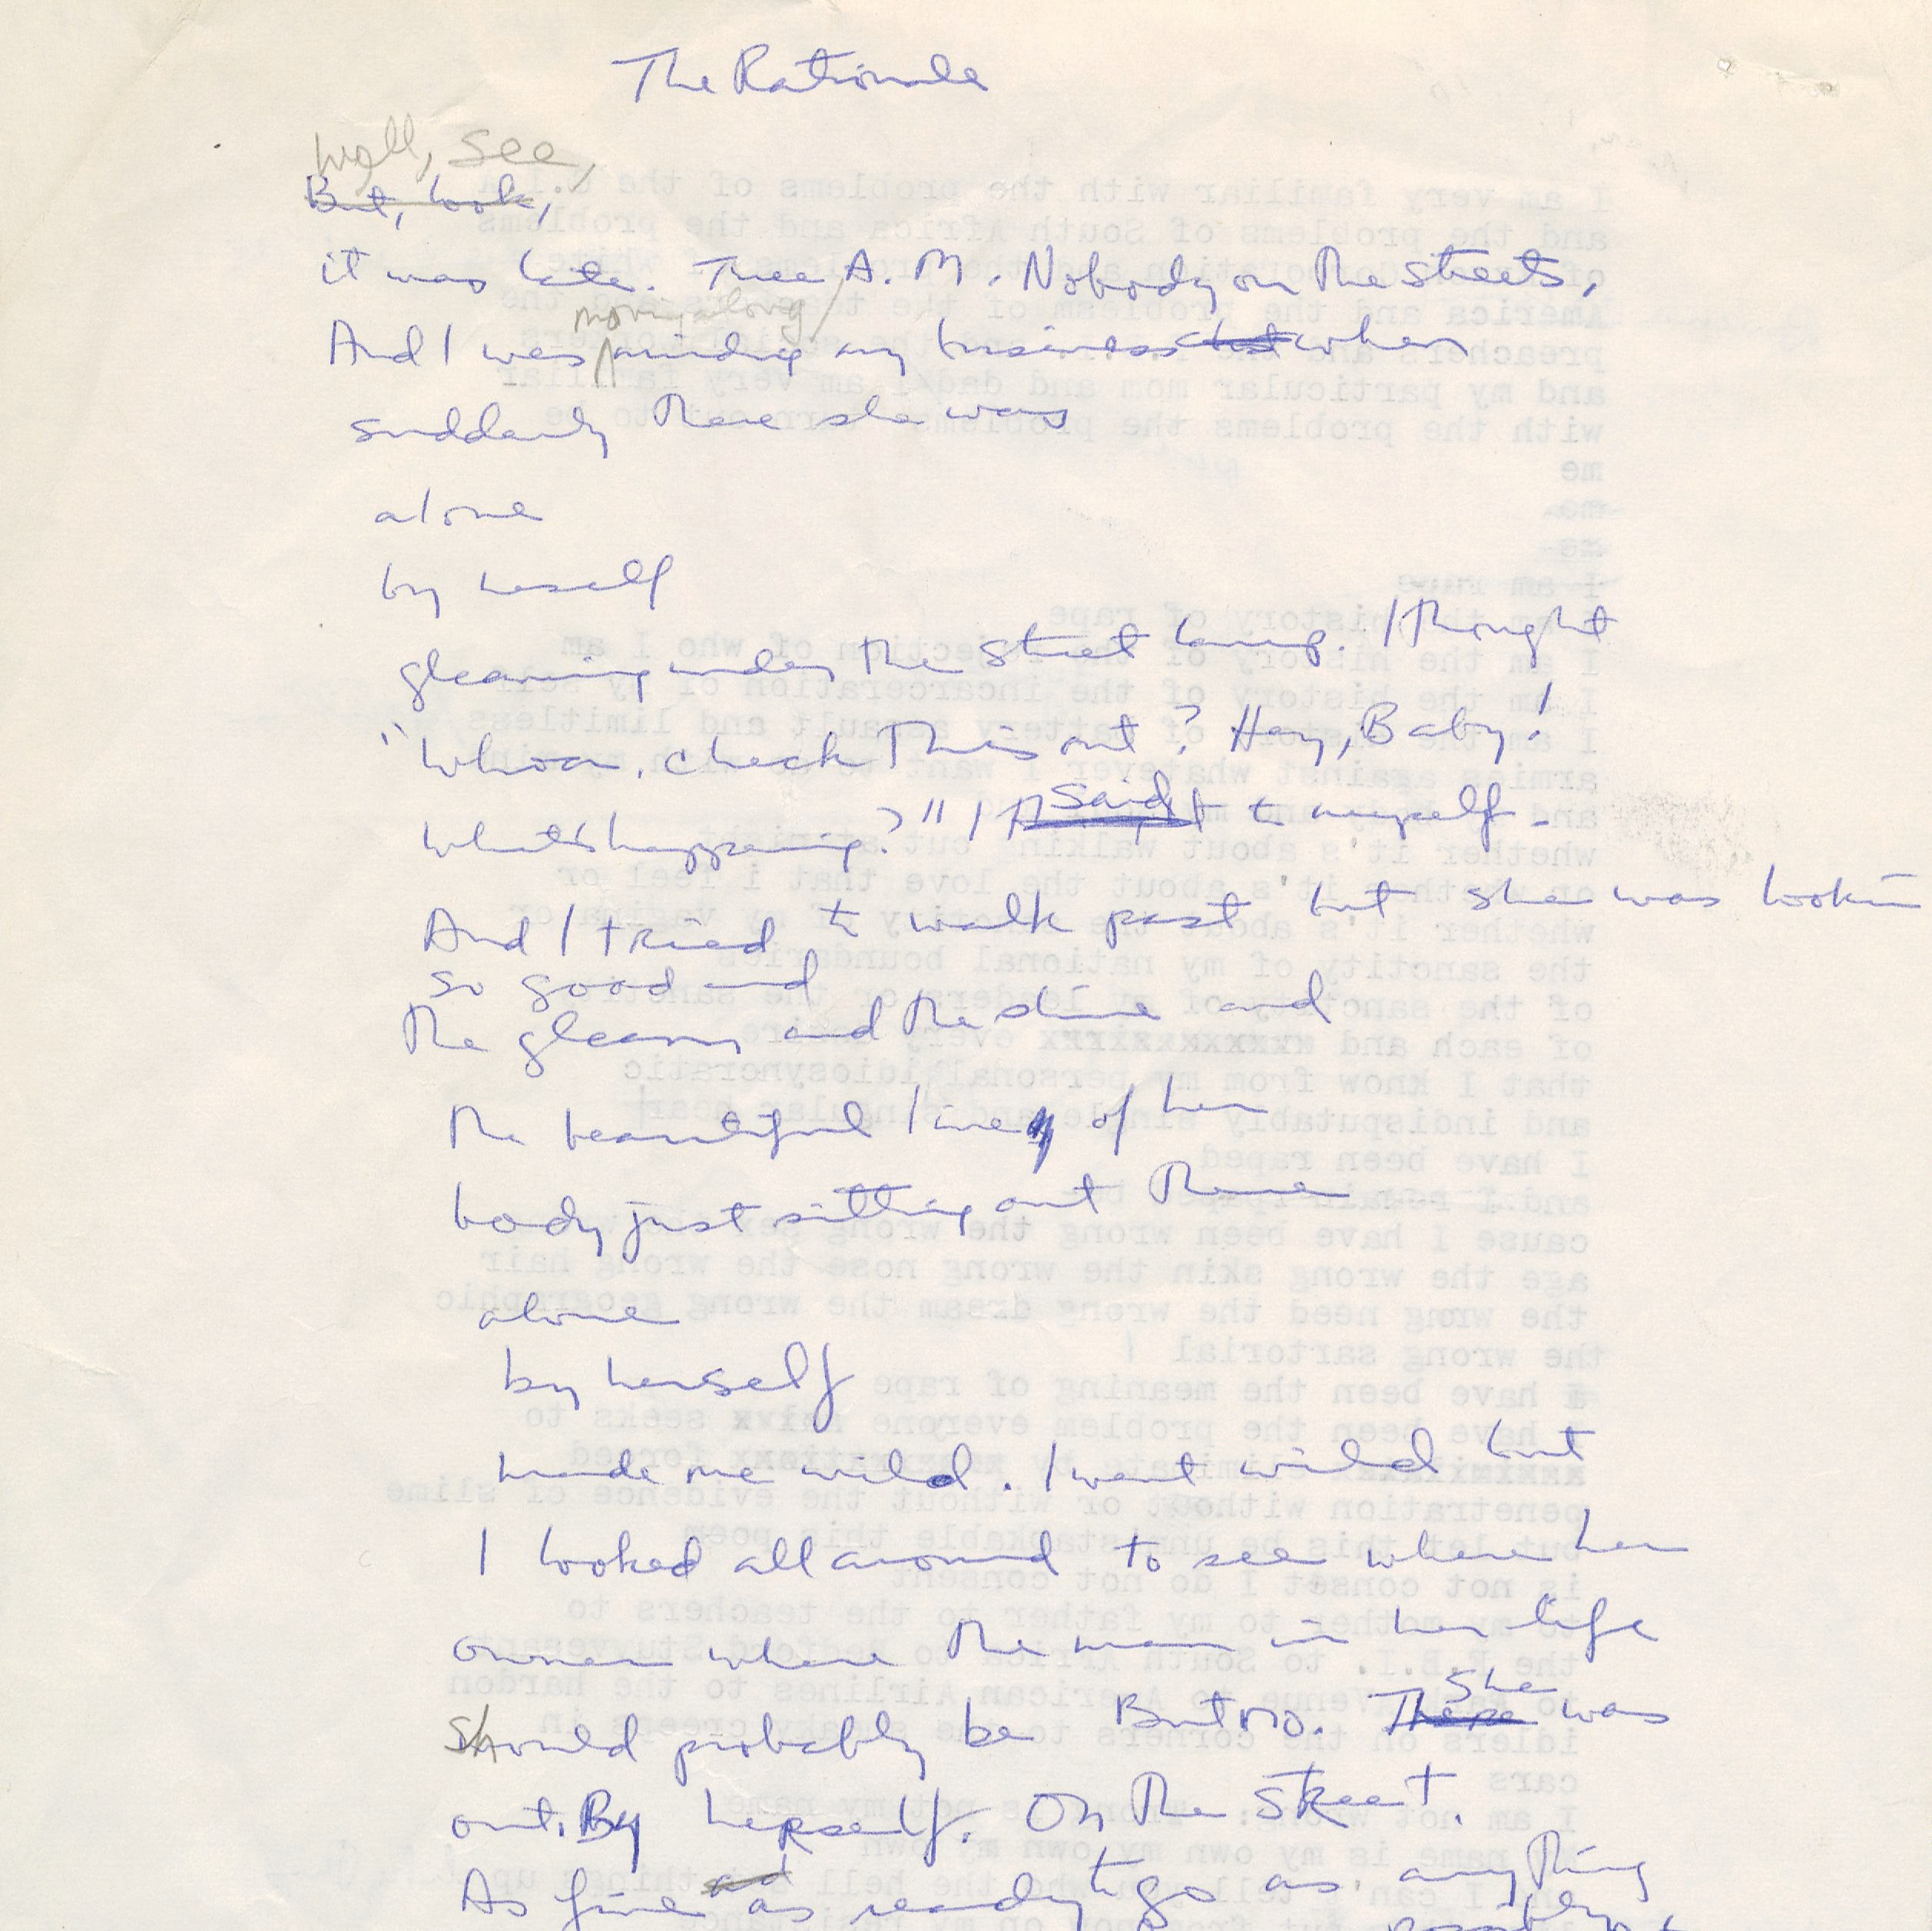 First draft of poem by June Jordan